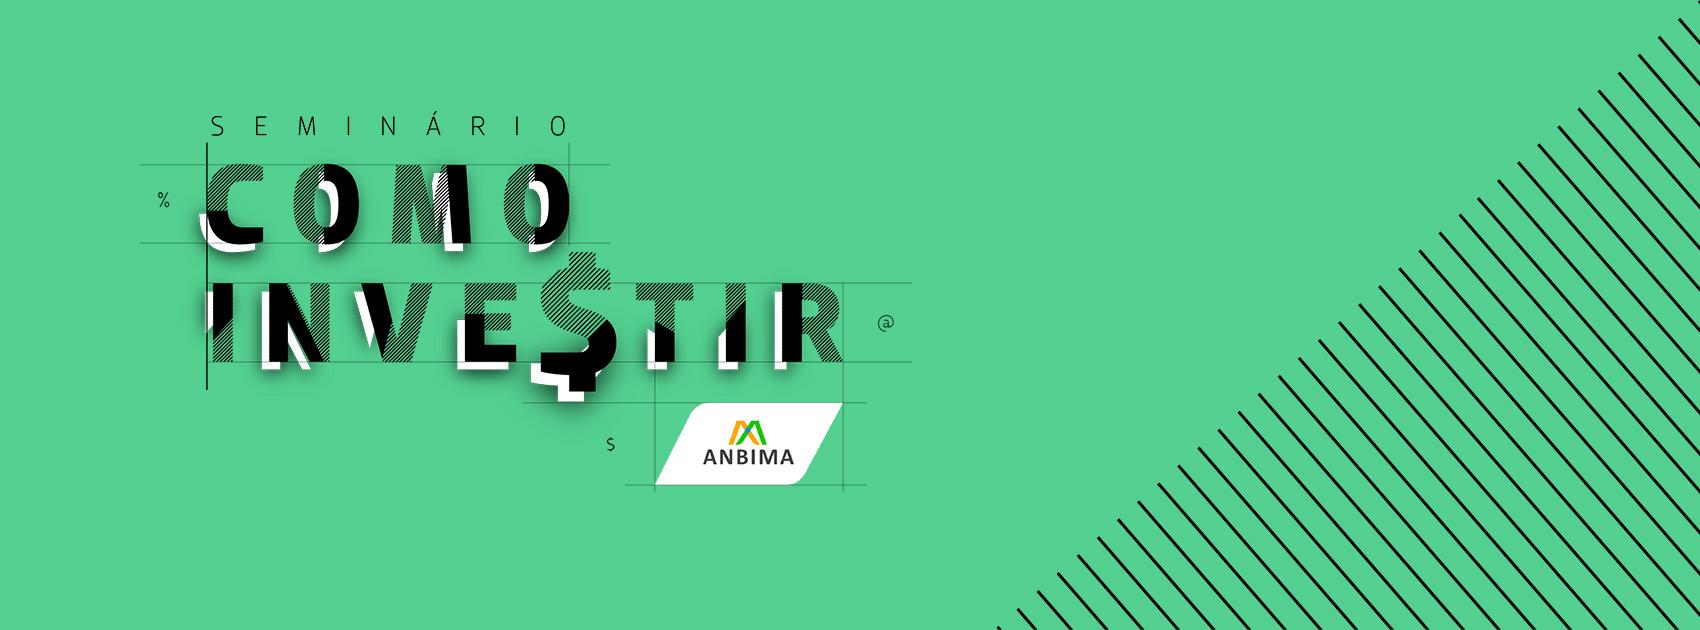 Seminário ANBIMA Como Investir